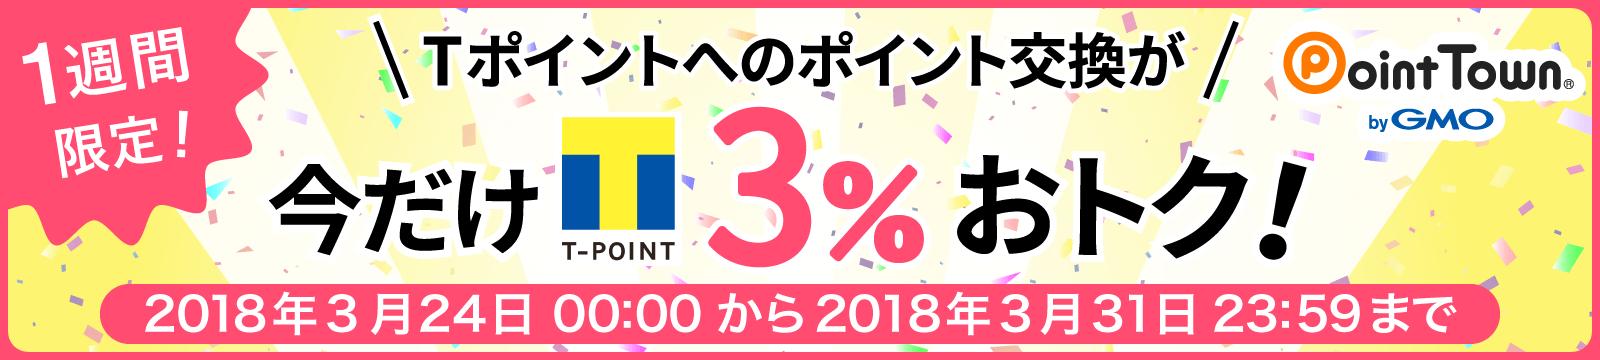 ポイントタウン Tポイント 今だけ3%おトク